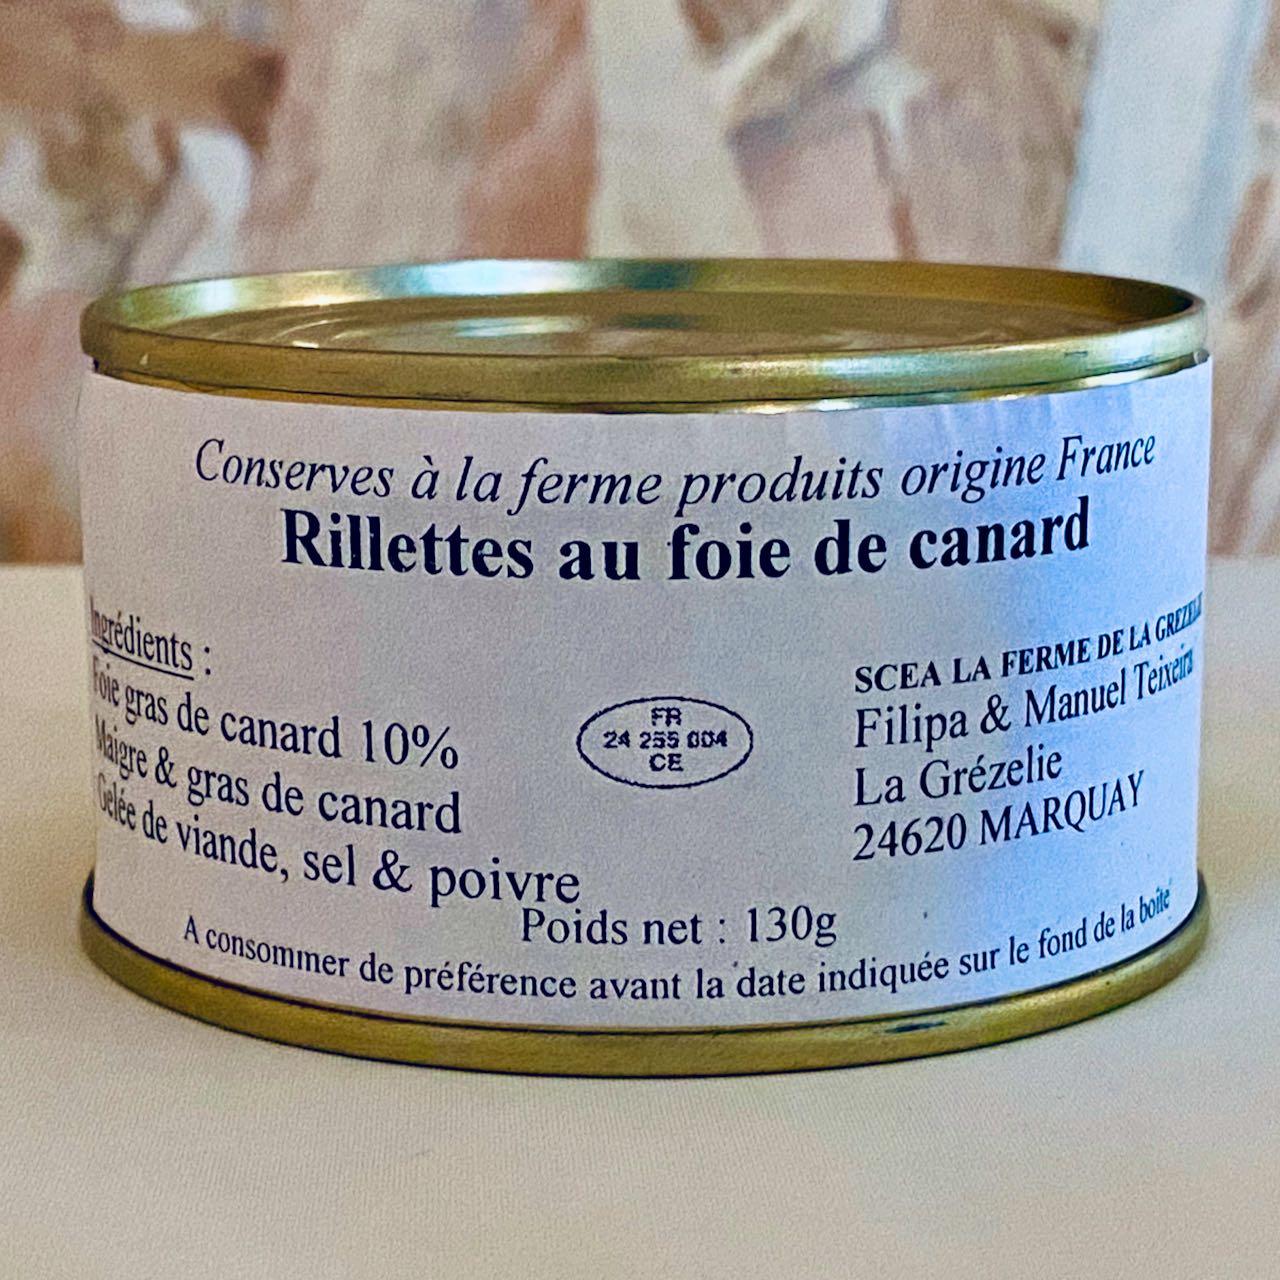 Rillettes au foie gras de canard